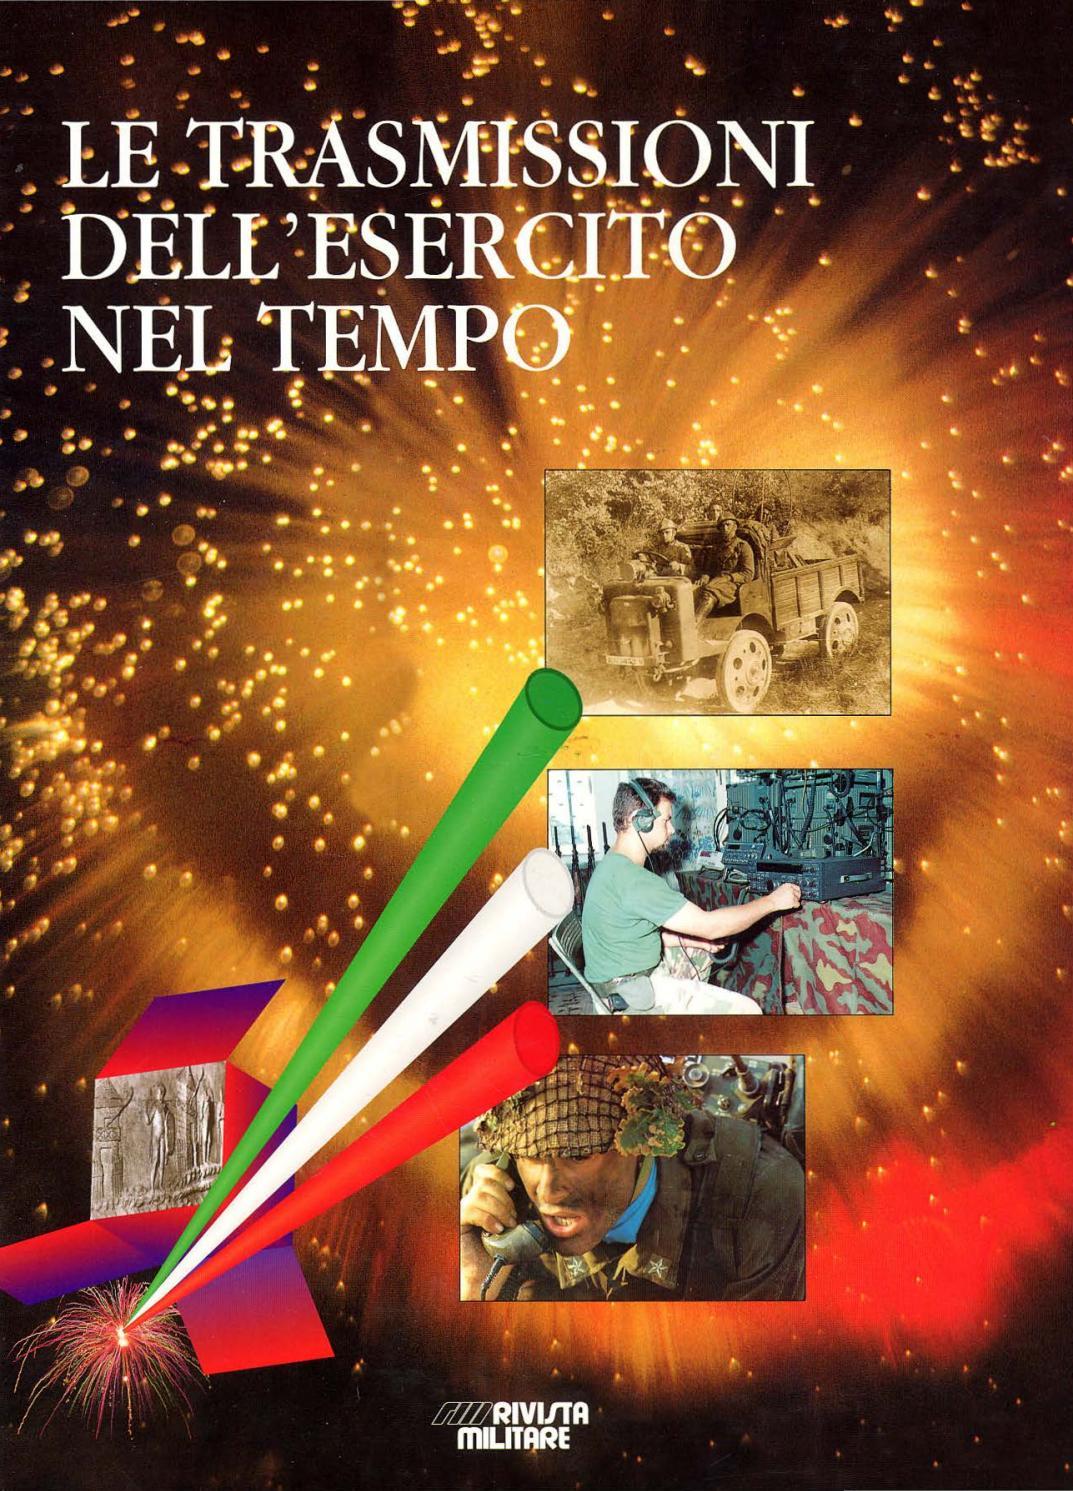 LE TRASMISSIONI DELL ESERCITO NEL TEMPO by Biblioteca Militare - issuu a5e827cc5714